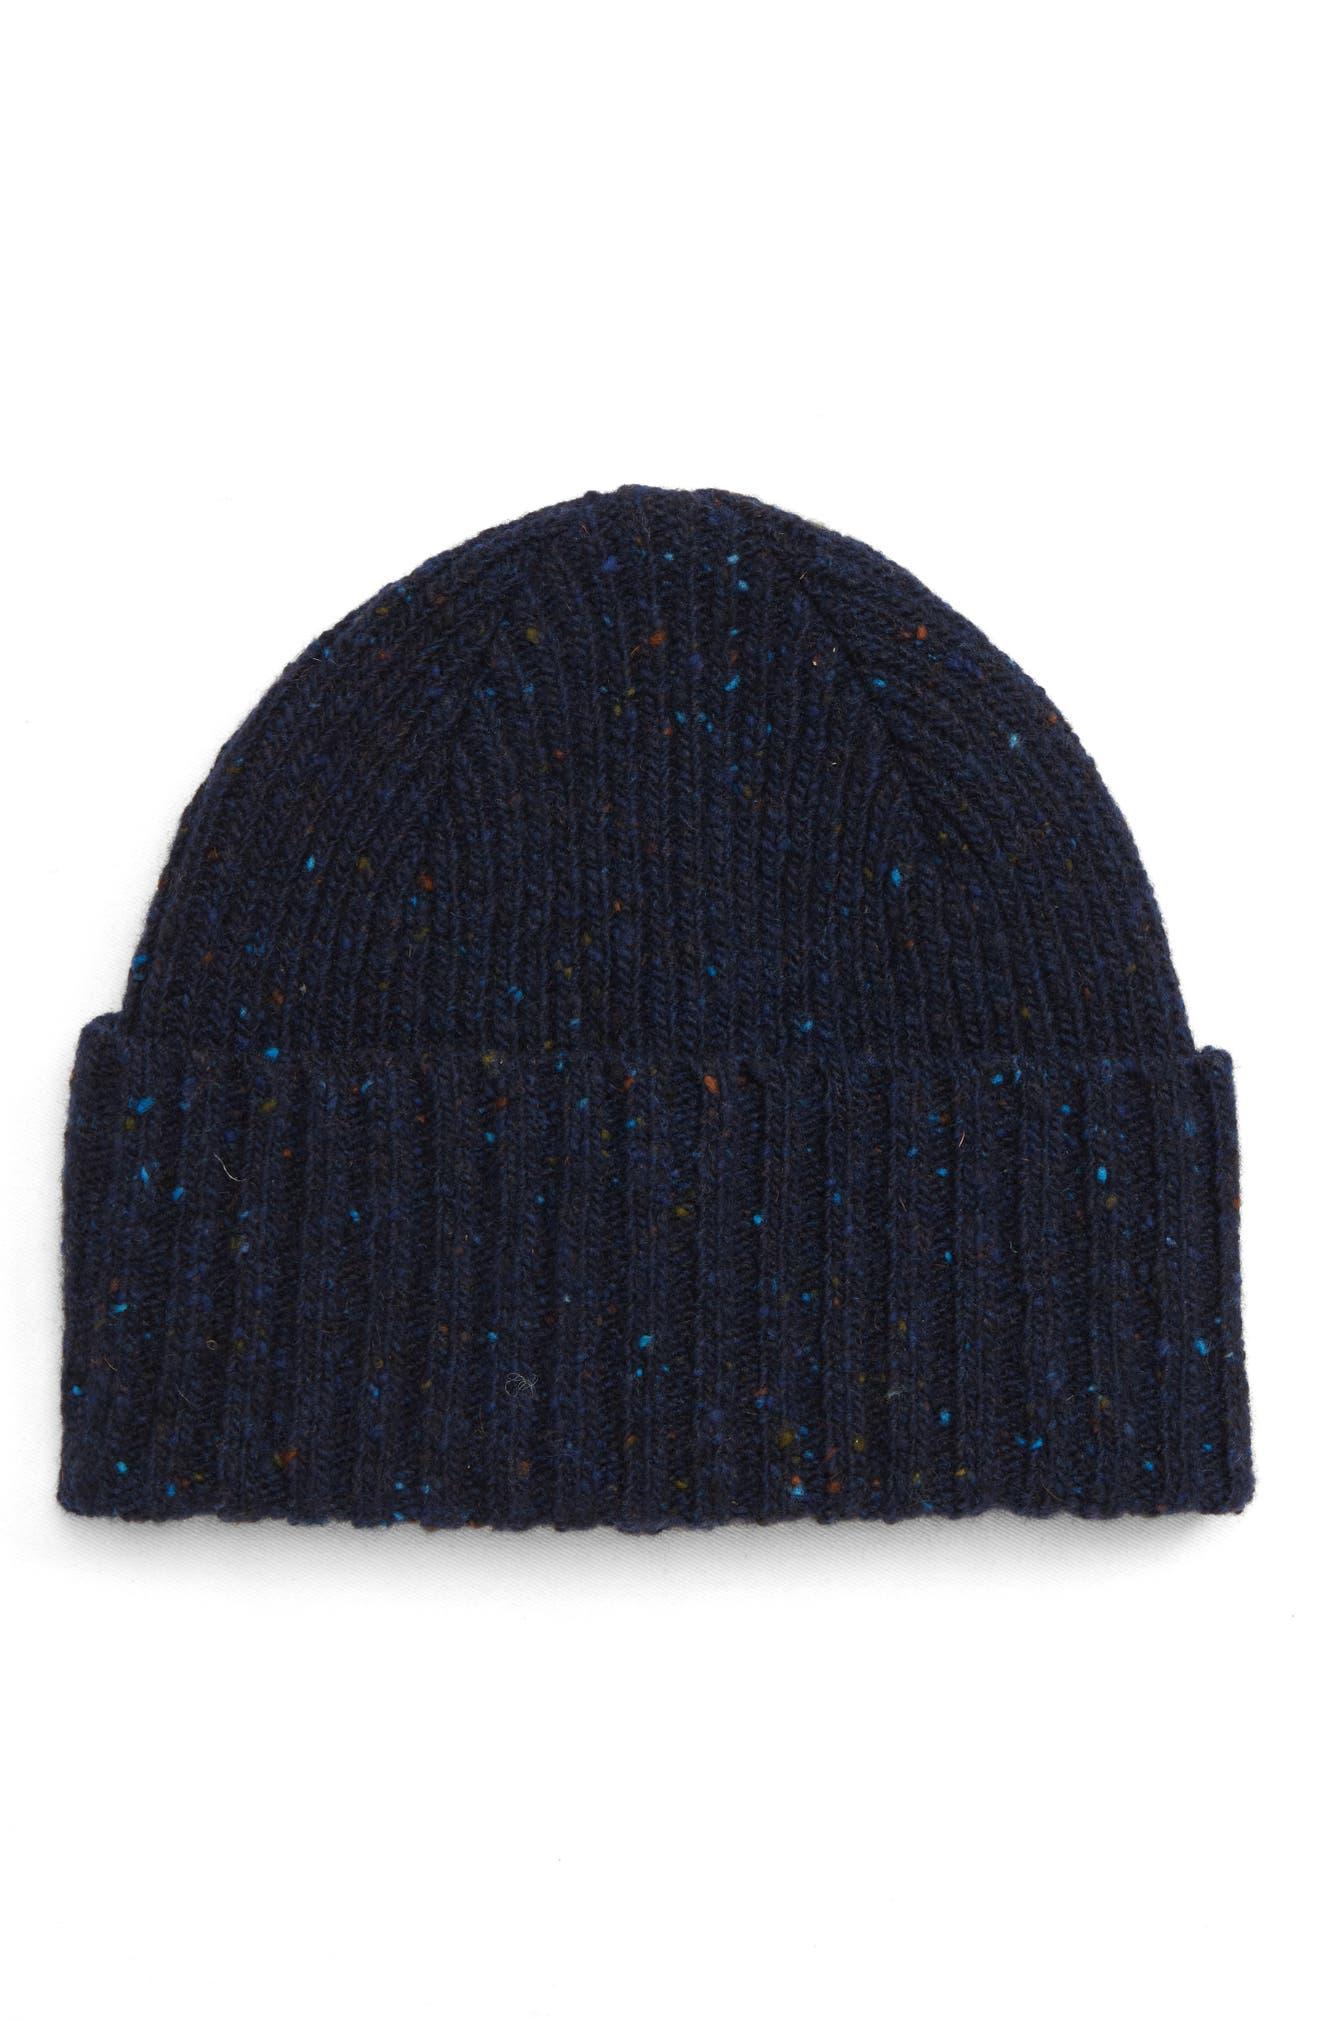 Drakes Donegal Wool Beanie  8a73b631f0a6